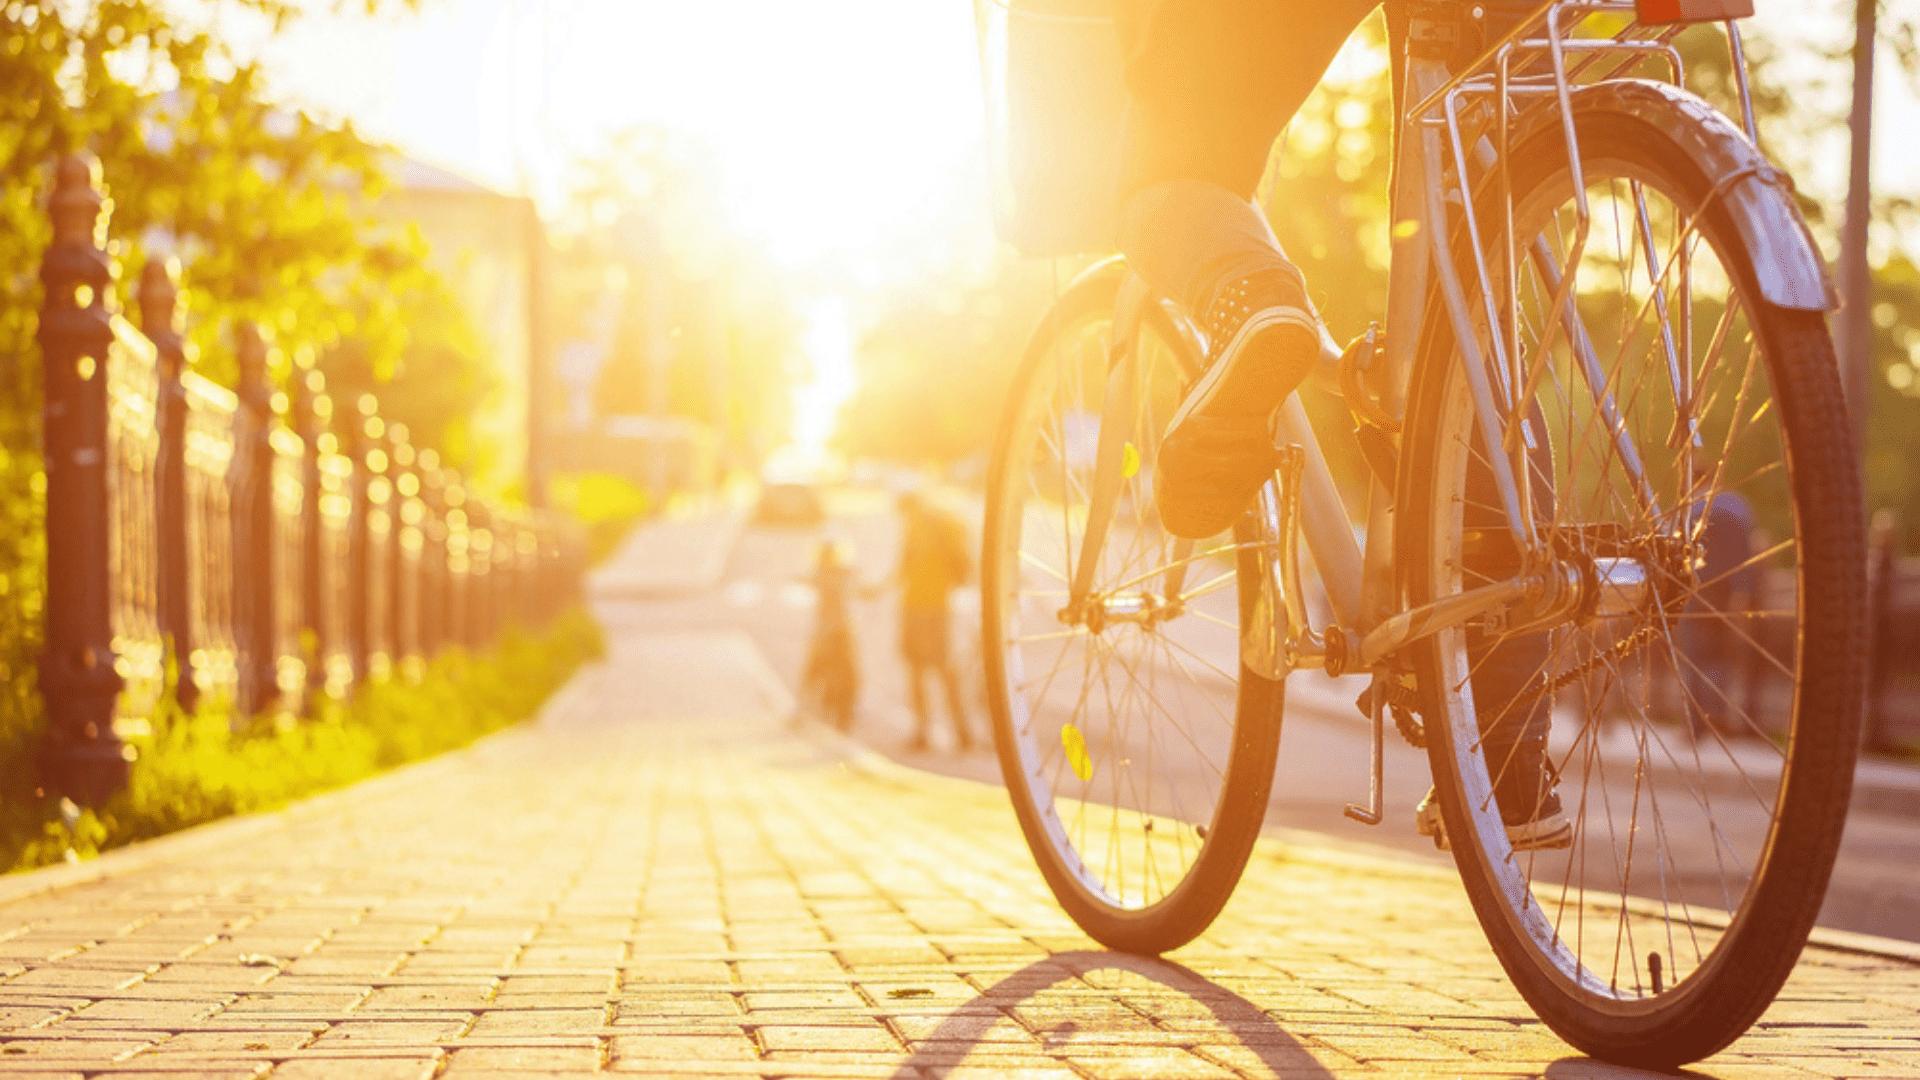 Veja a nossa seleção das melhores bicicletas para comprar em 2020! (Imagem: Reprodução/Shutterstock)